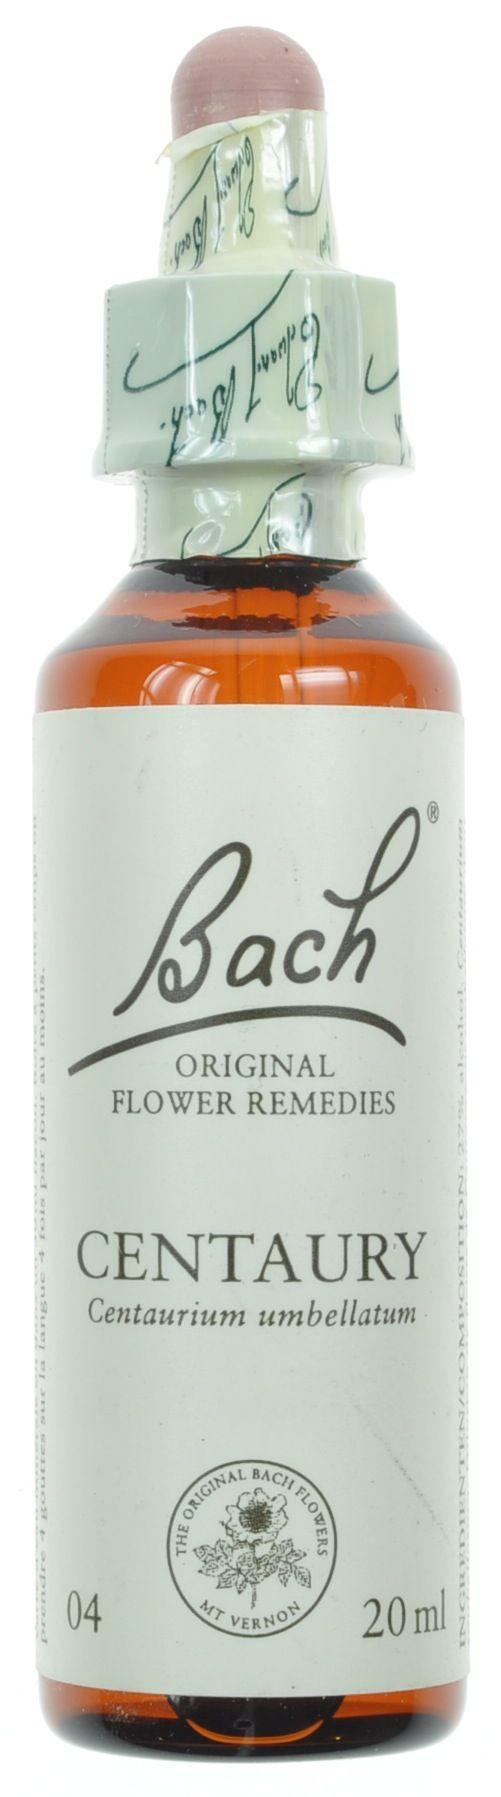 Fleurs de bach 04 centaury 20ml acheter en ligne for Acheter fleurs en ligne